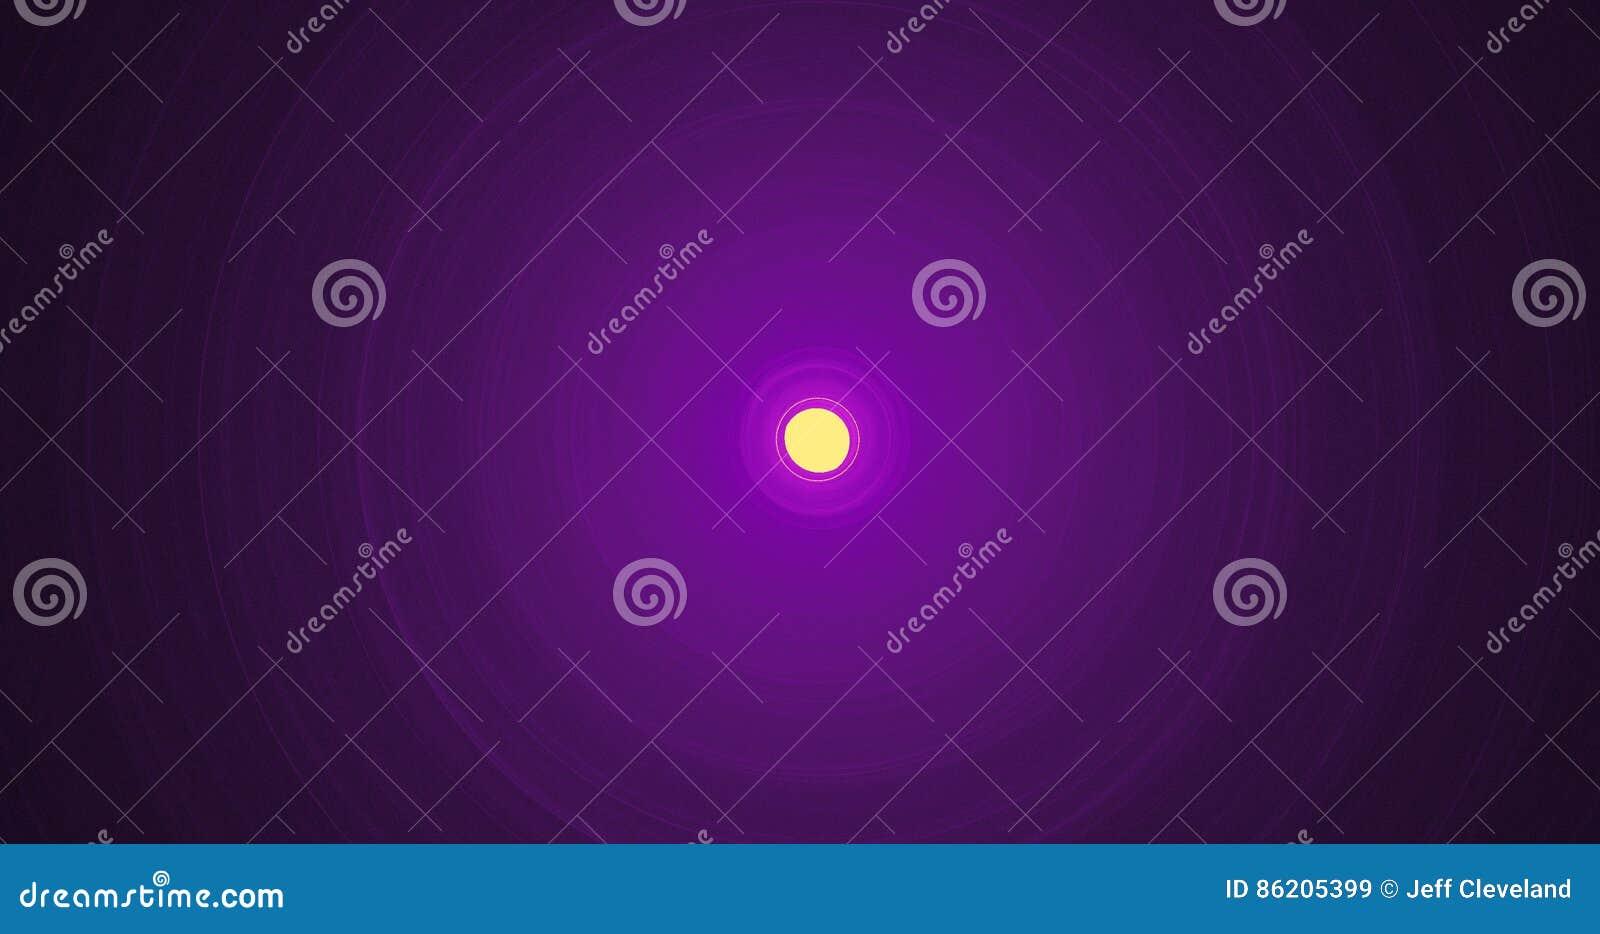 Líneas abstractas amarillas y púrpuras fondo de las partículas de las curvas